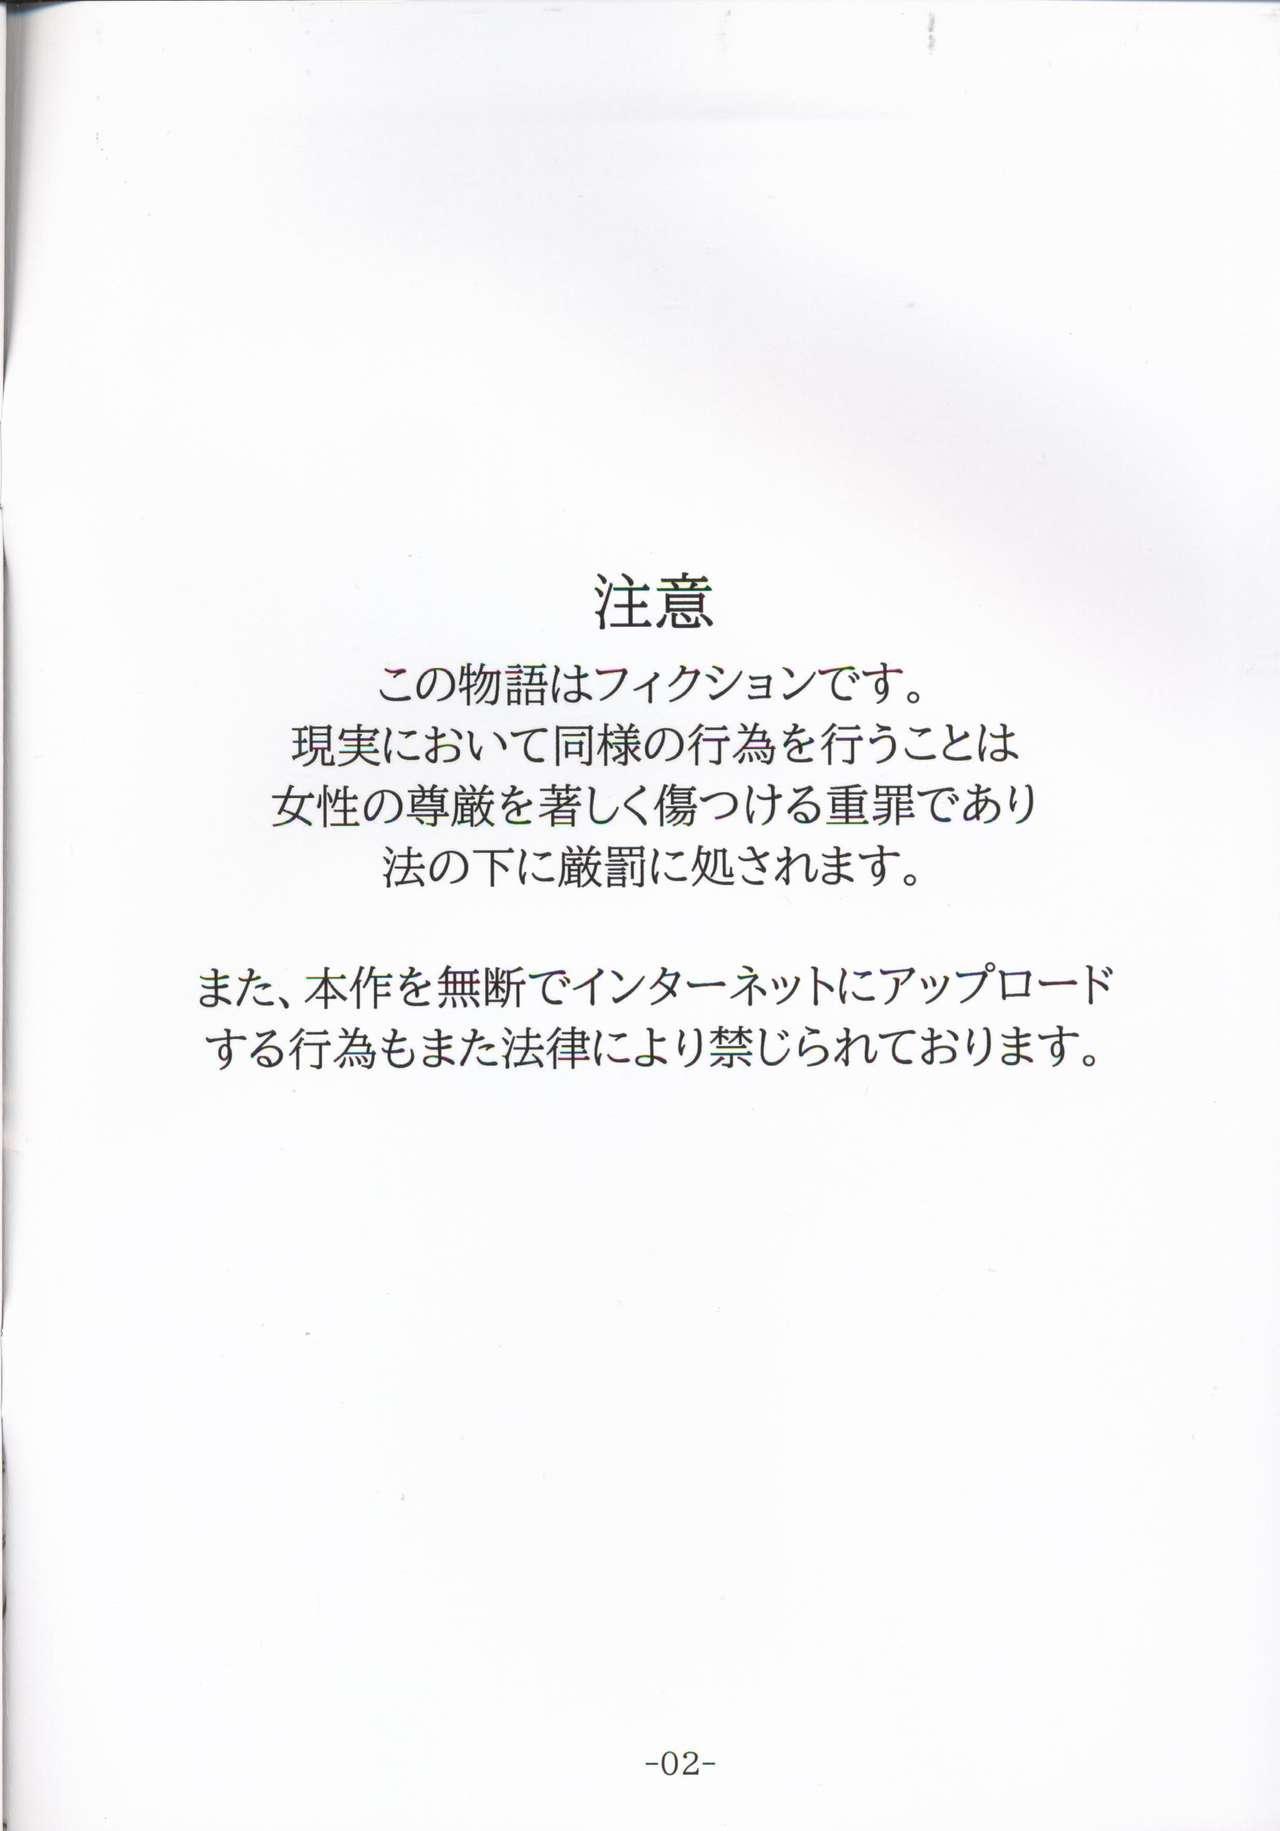 Machi ni Dekaketa Shiori ga Kaette Konai 1